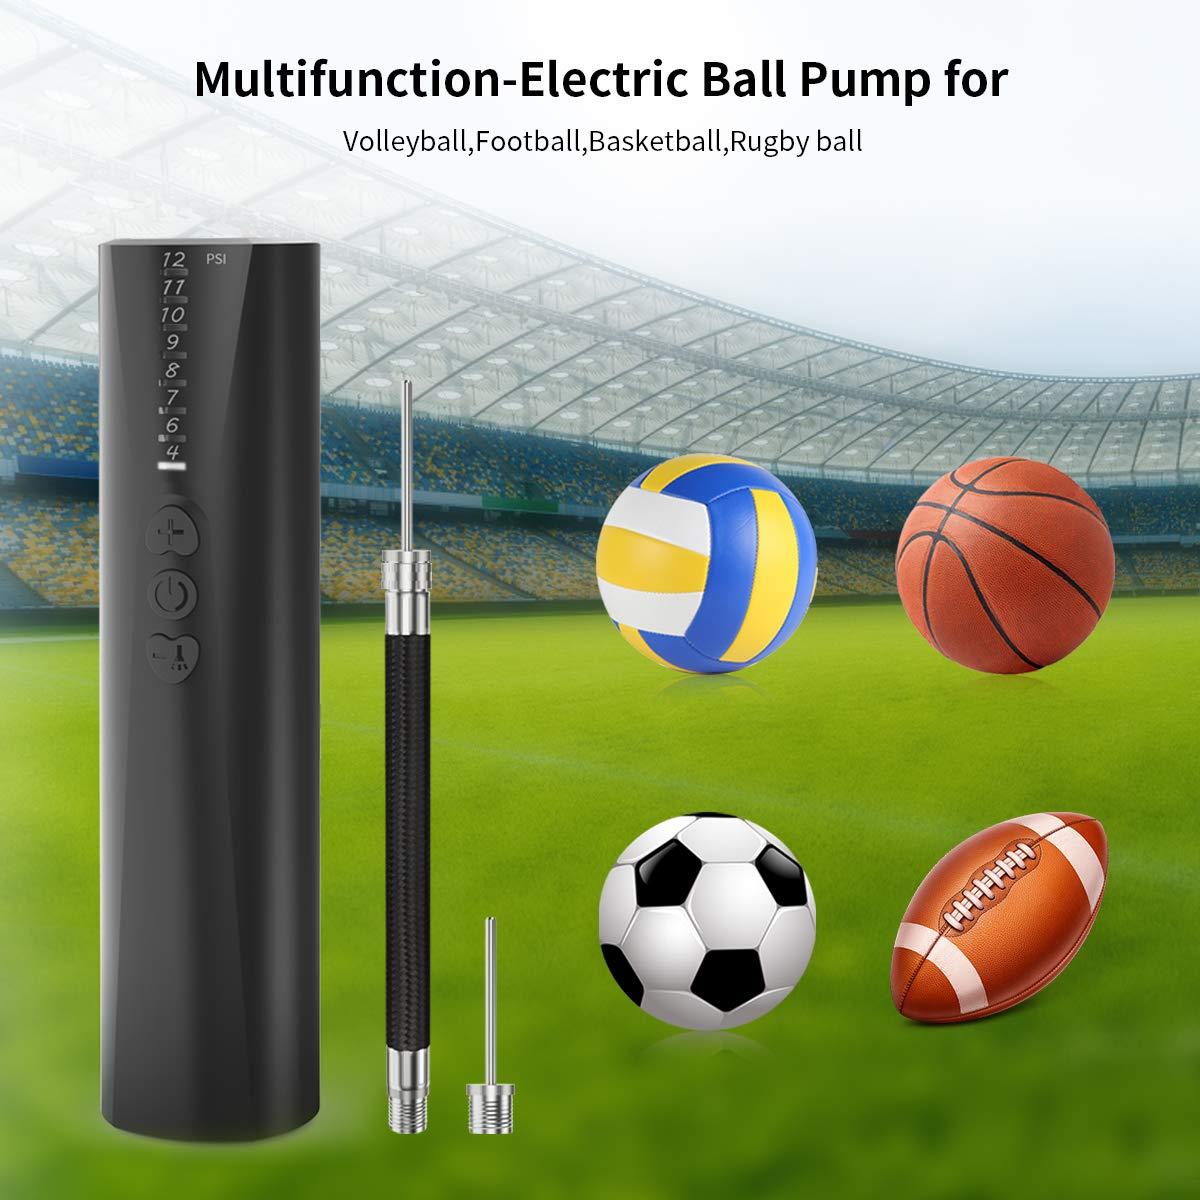 morpilot Inflador El/éctrico Autom/ático,Bomba de Aire Port/átil con Aguja para F/útbol Baloncesto Rugby F/útbol Voleibol,Inflador de Pelota R/ápida y Mini Bomba de Bolas-sin Bater/ía